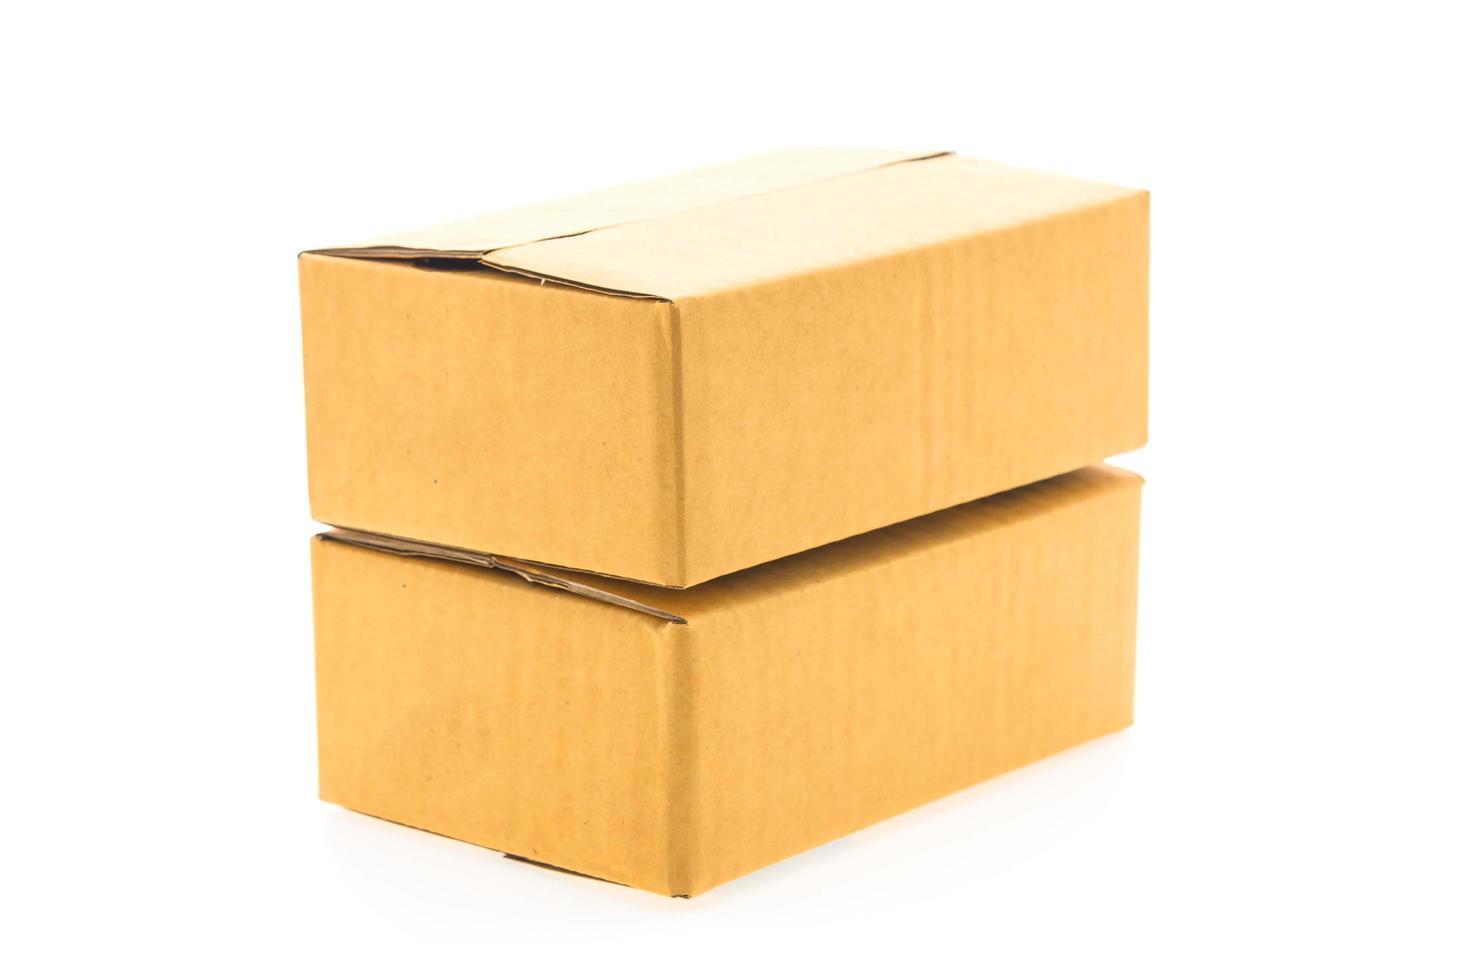 bruine doos geïsoleerd foto